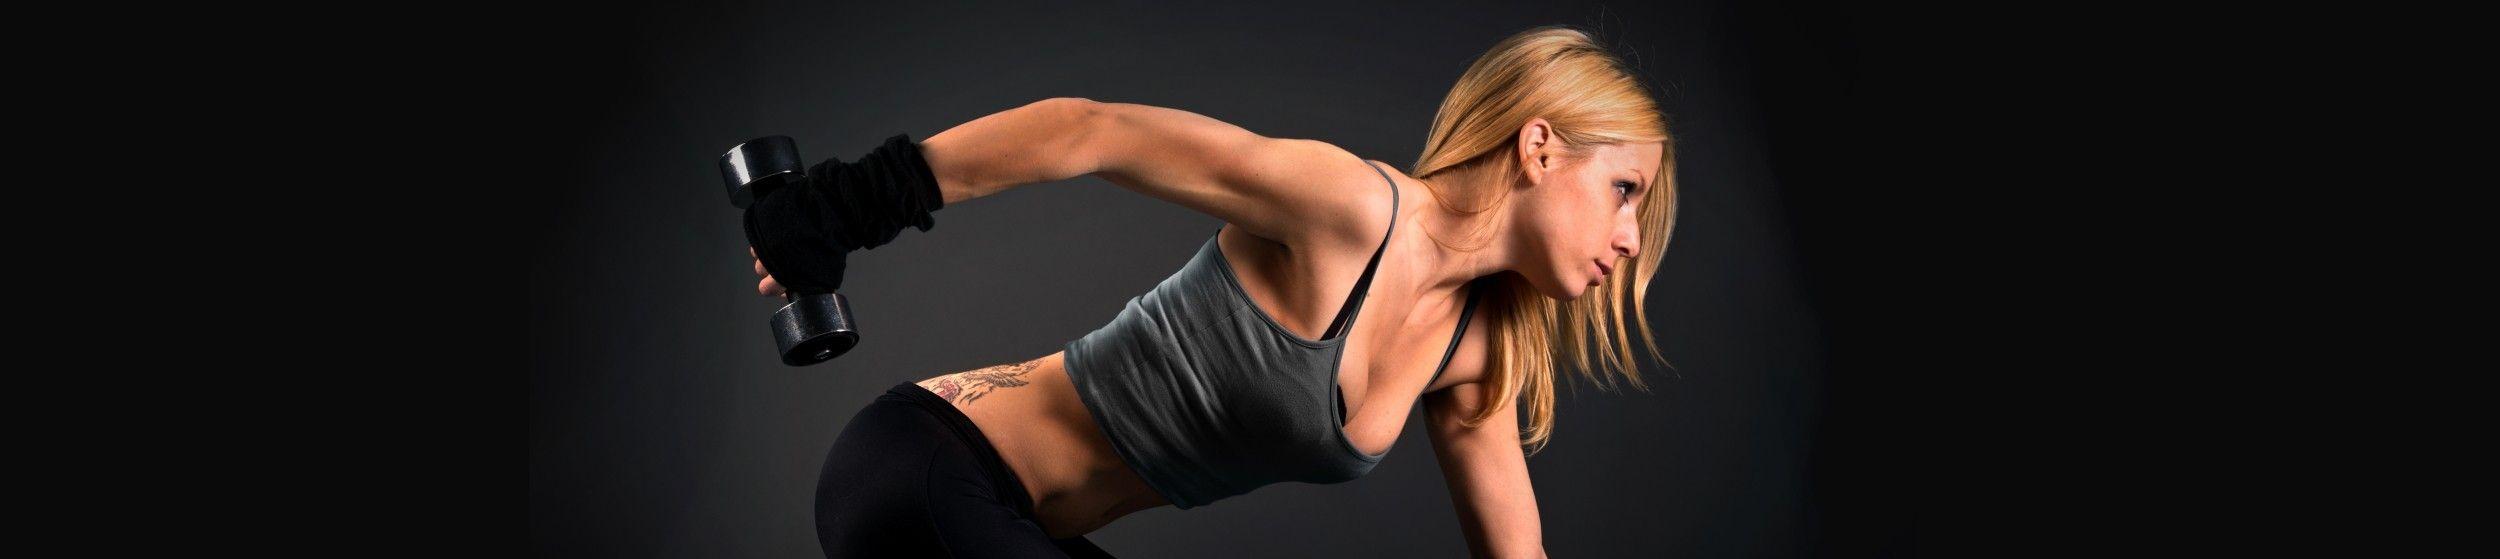 produit de musculation entrainement